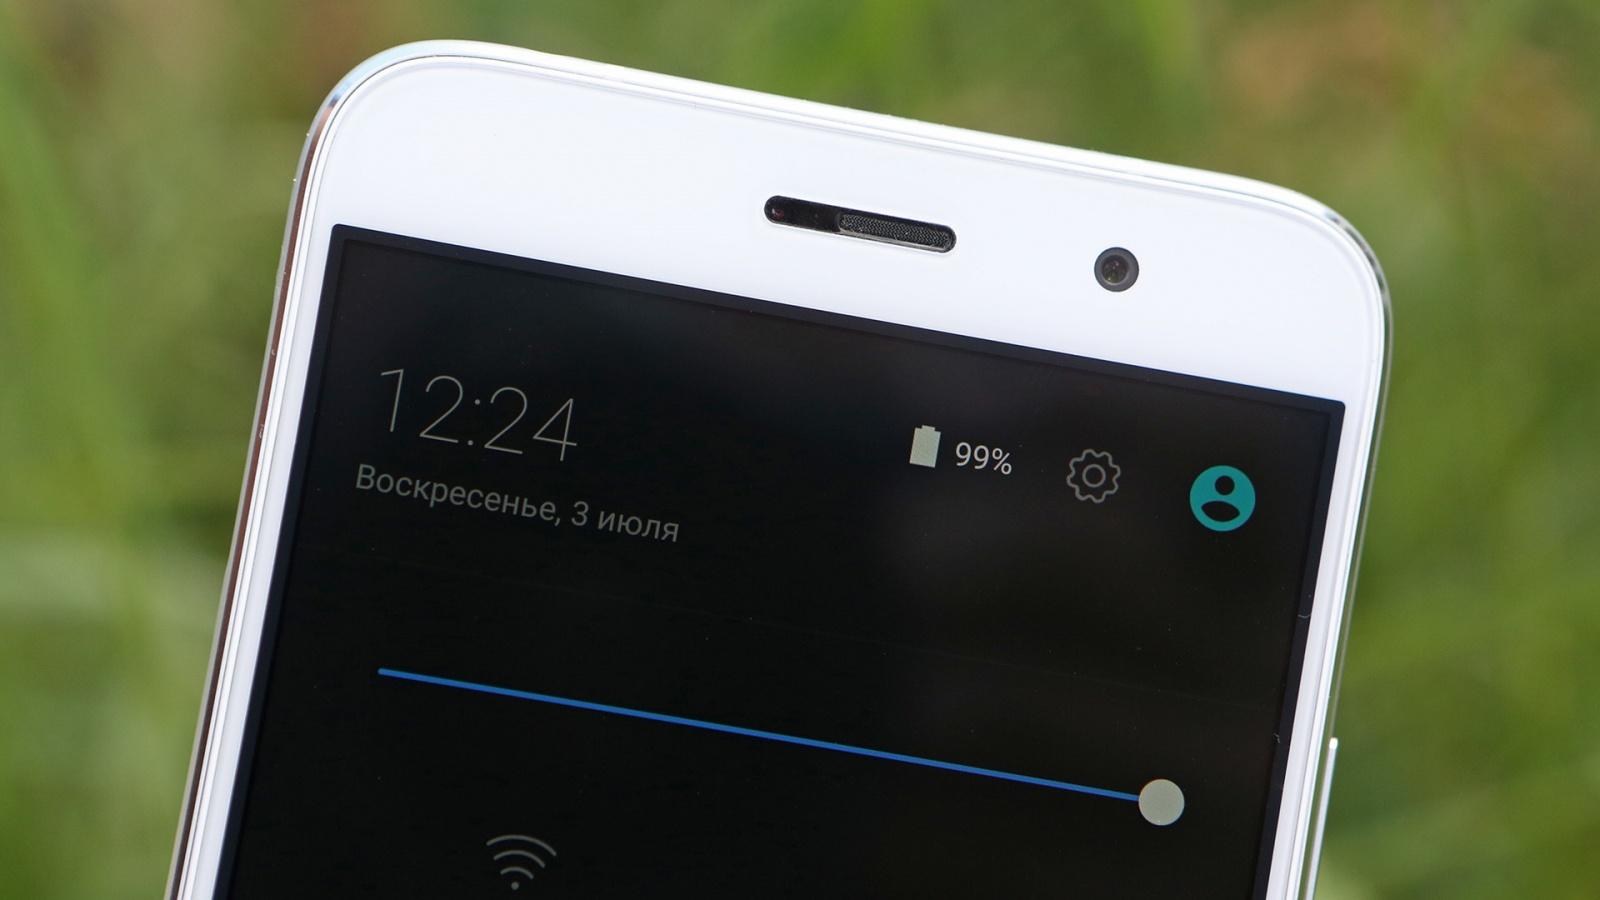 Обзор смартфона ZUK Z1: мощность и автономность по доступной цене - 5